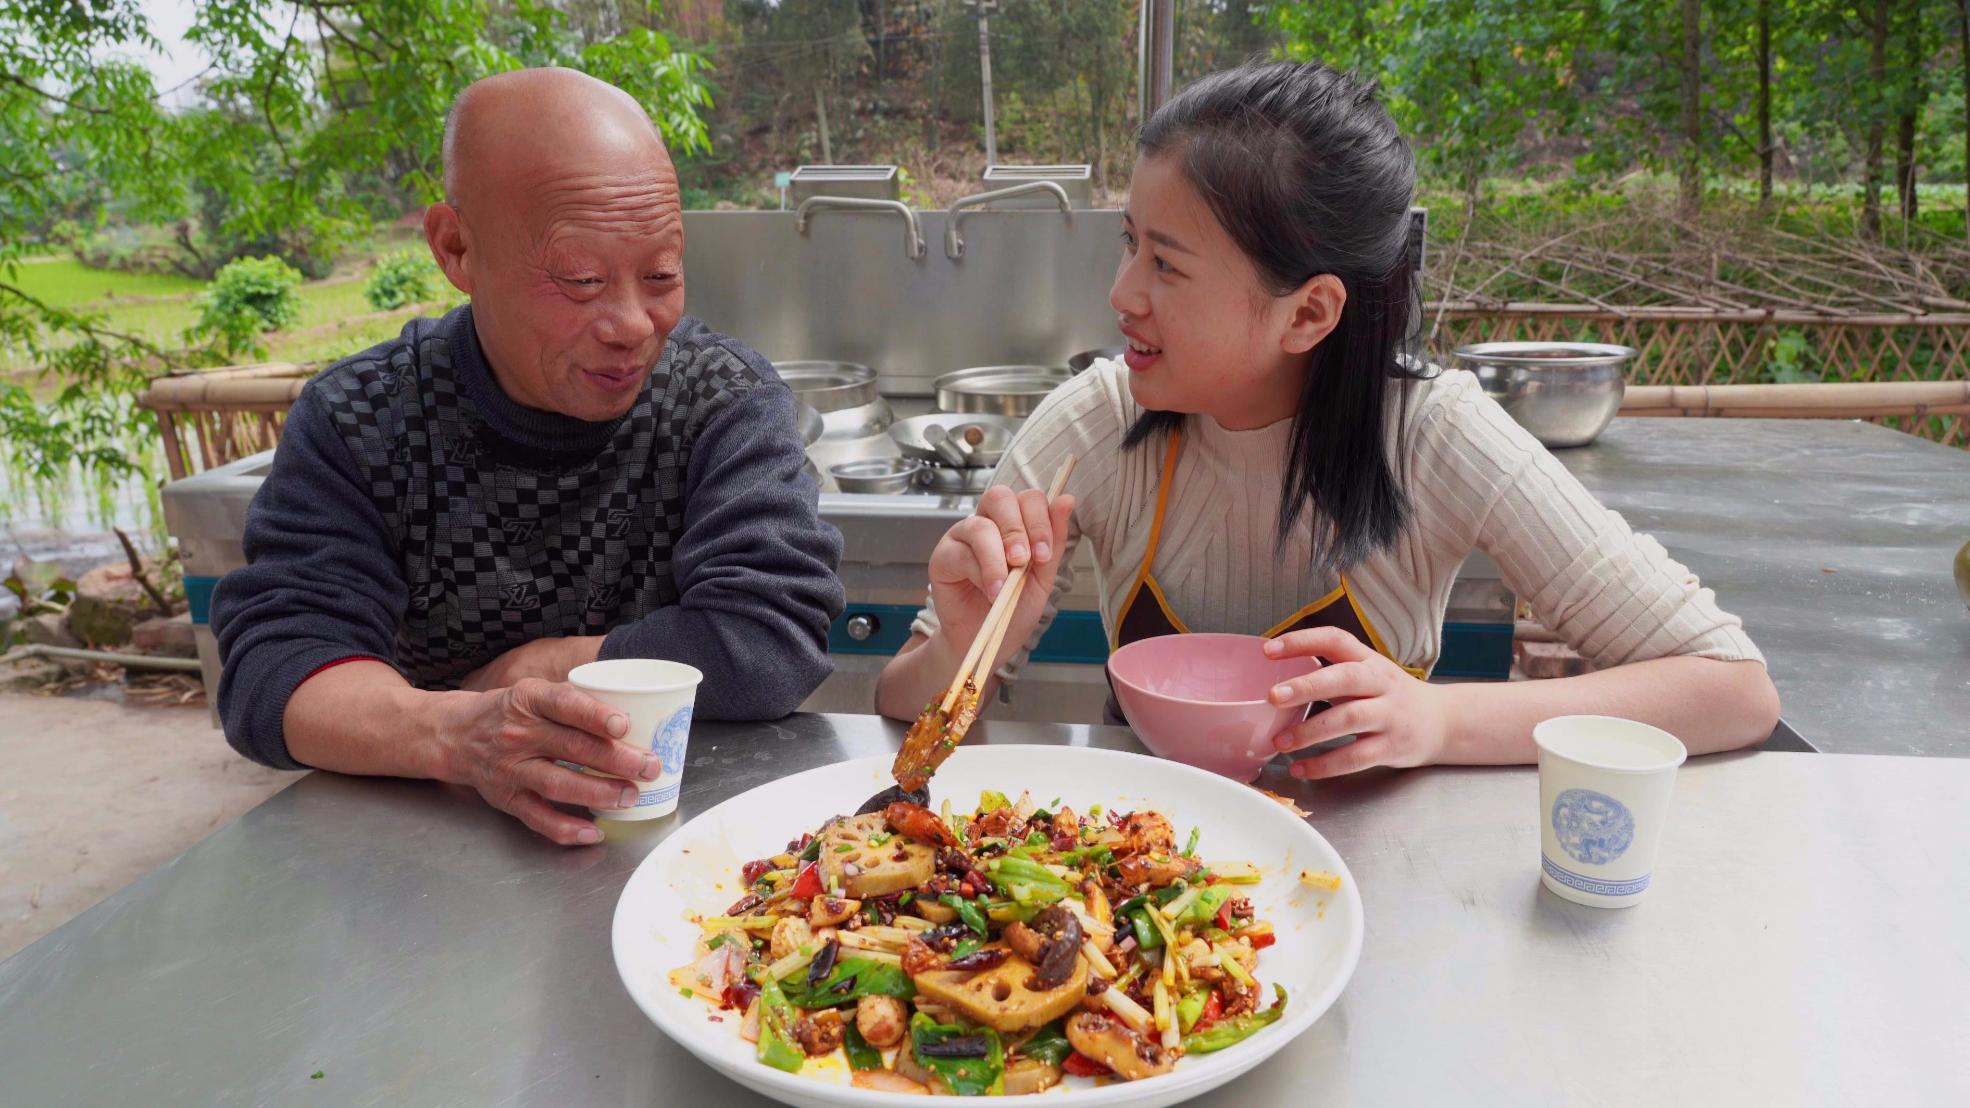 漆二娃vlog:相当霸道的麻辣香锅完成,多亏了师父的干辣椒